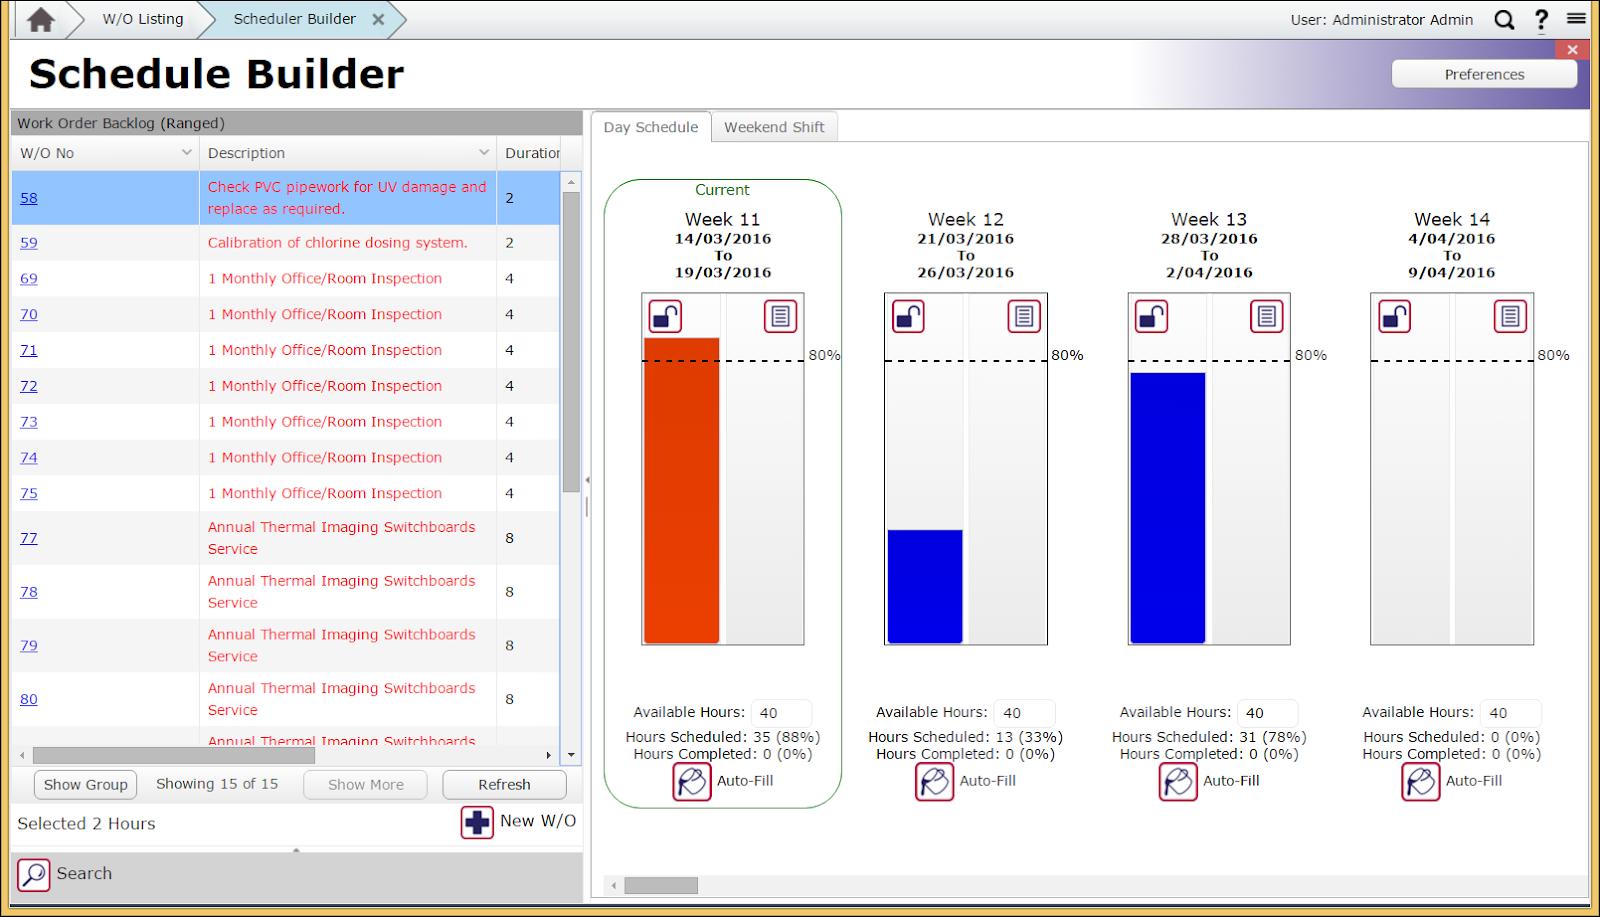 http://data.mex.com.au/UserGuide/MEX15/schedulebuilder.png